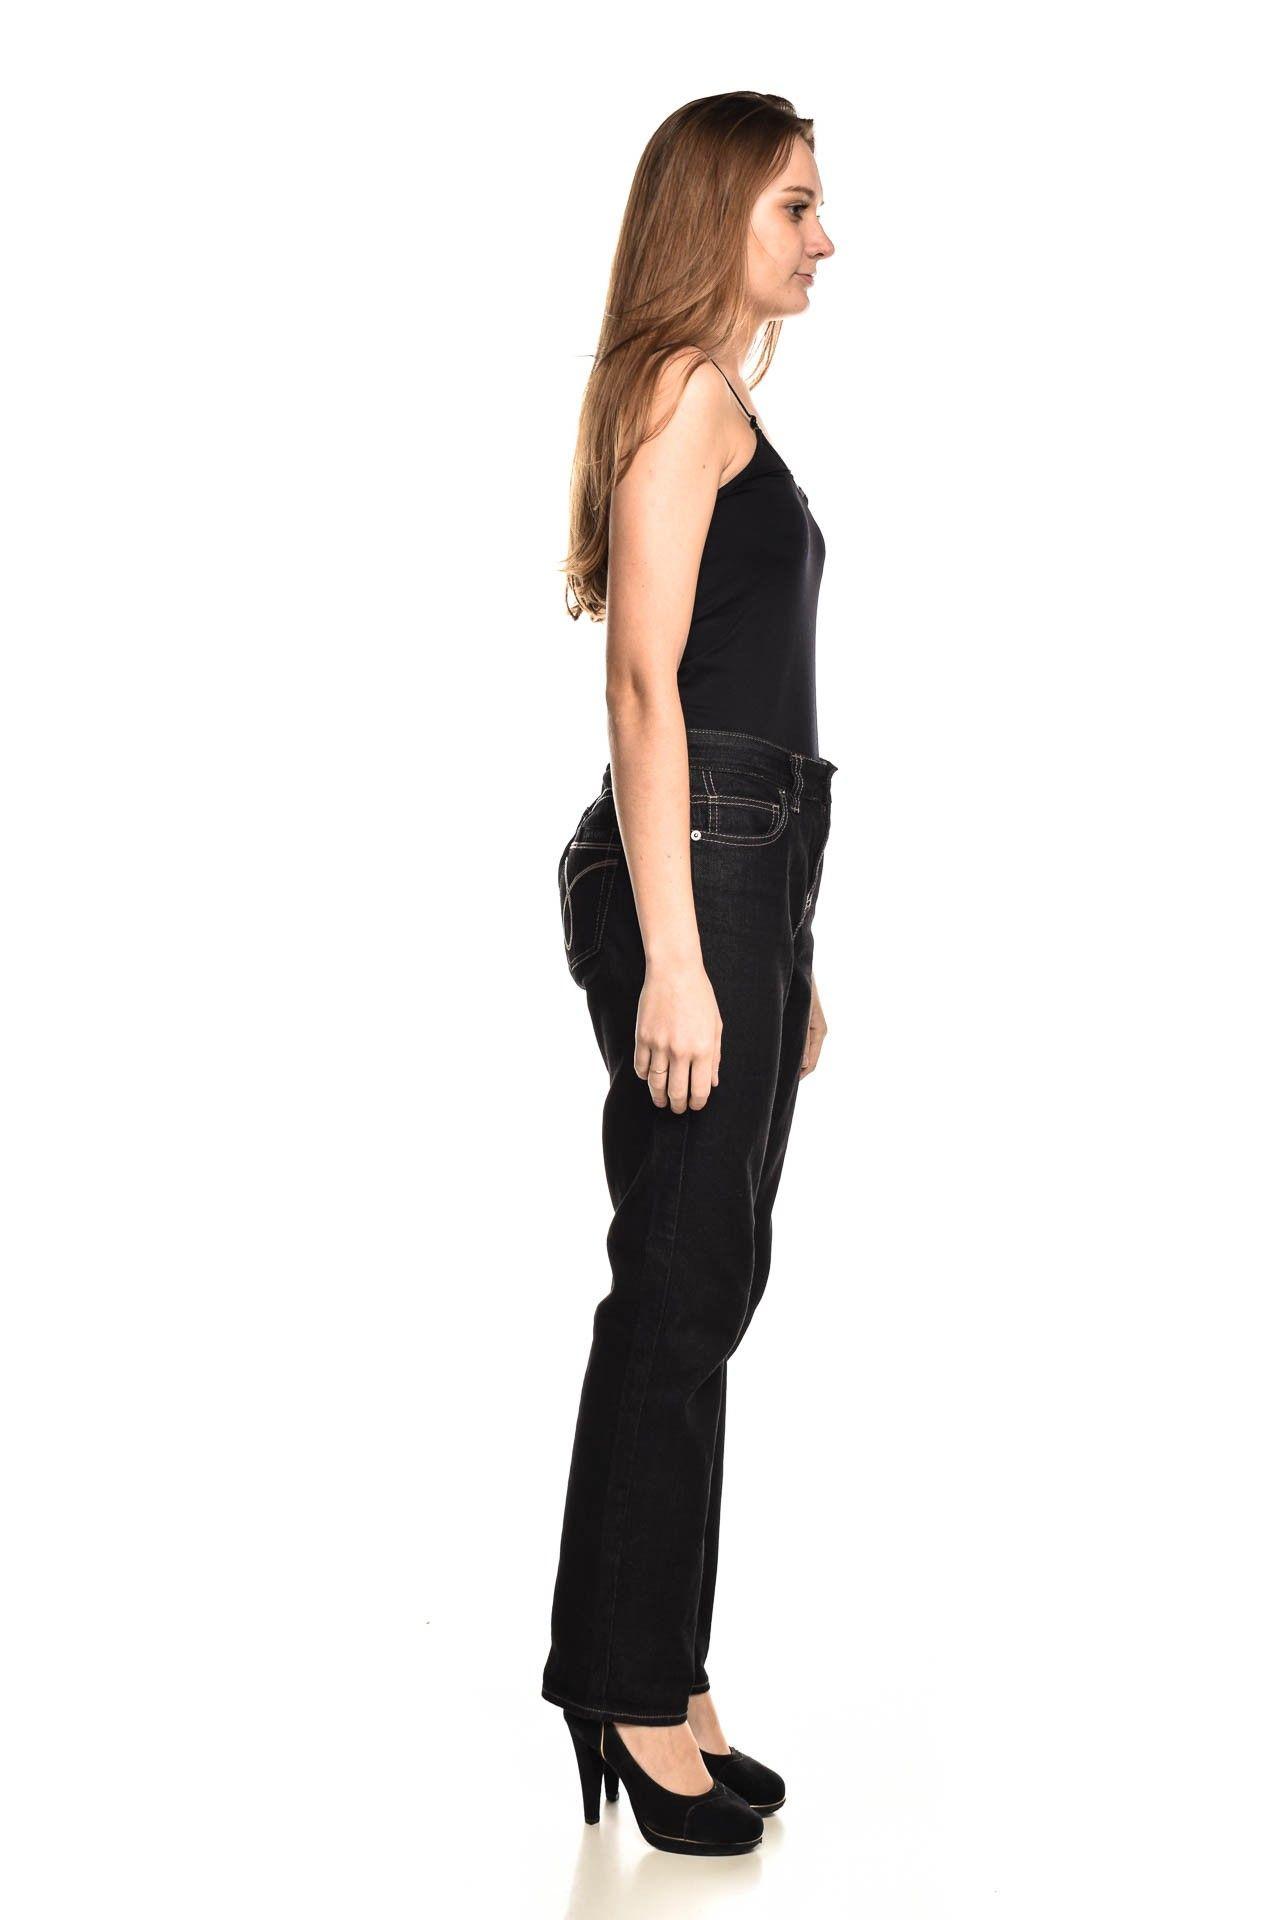 Calvin Klein - Calça Jeans Preta - Foto 3